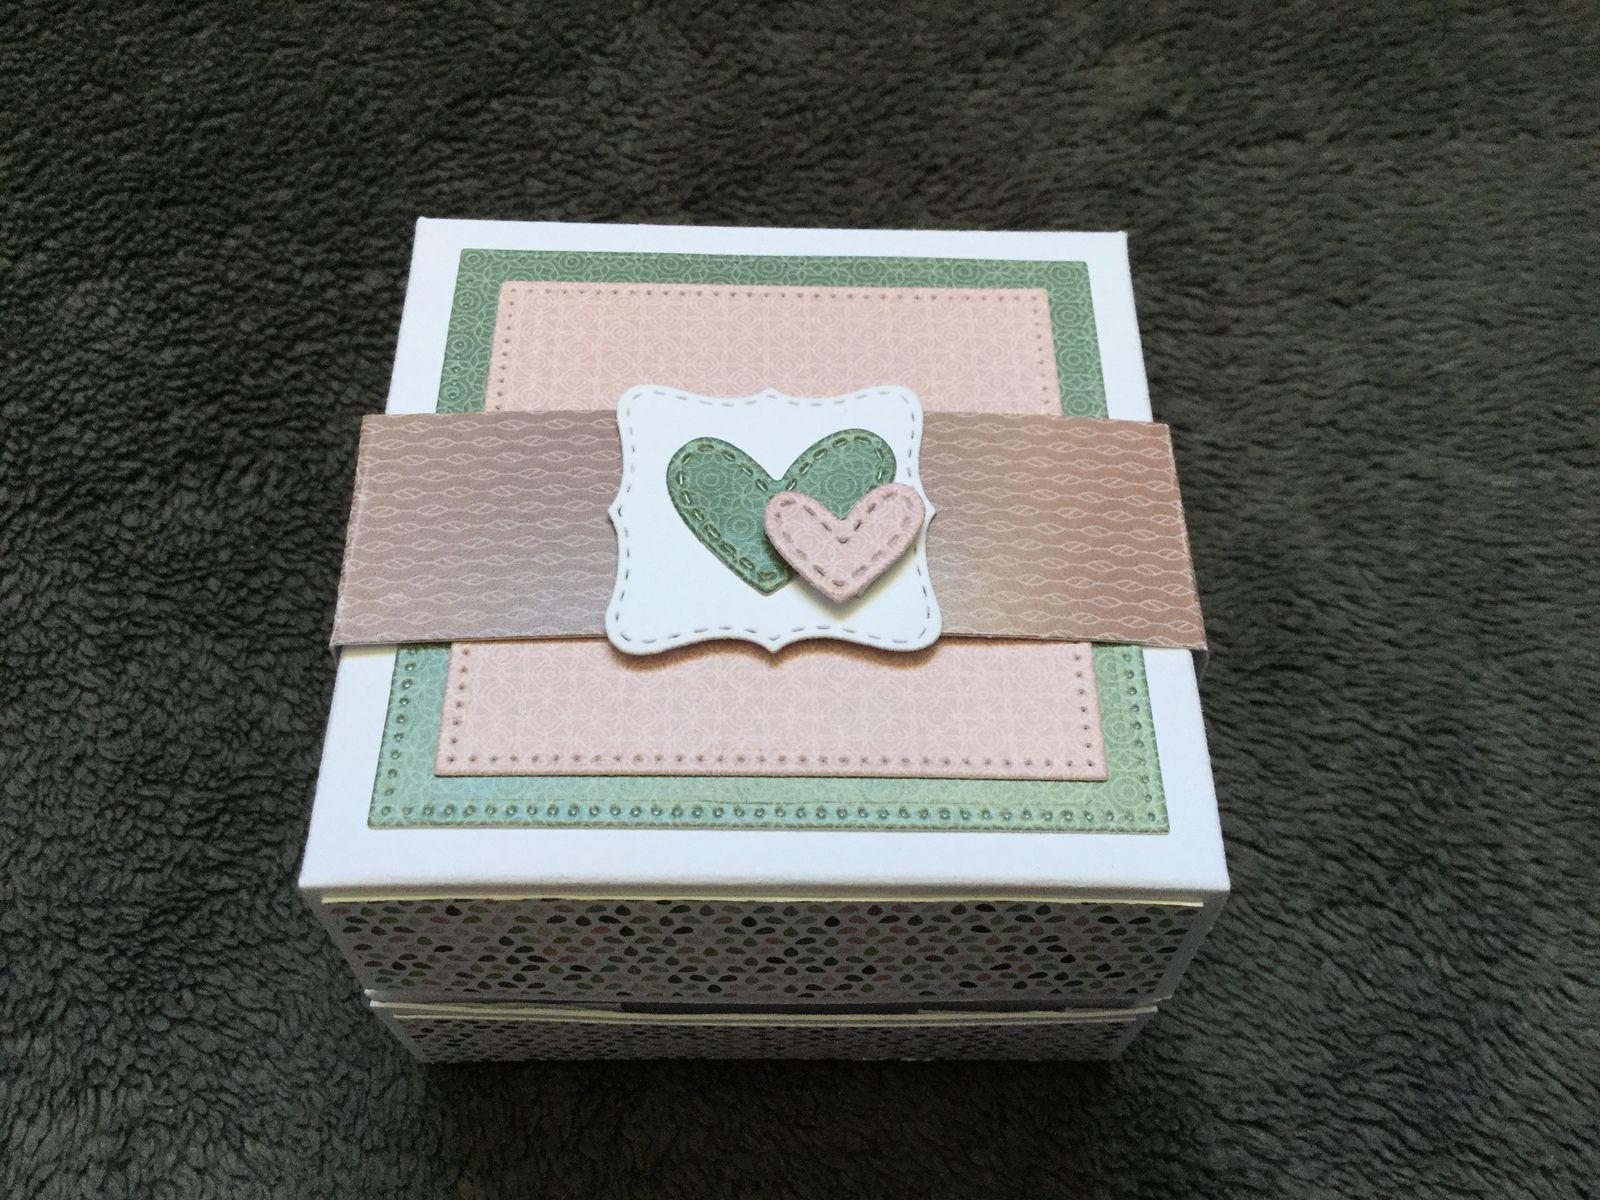 Des petites boites pour la fête des mères par Sandrine